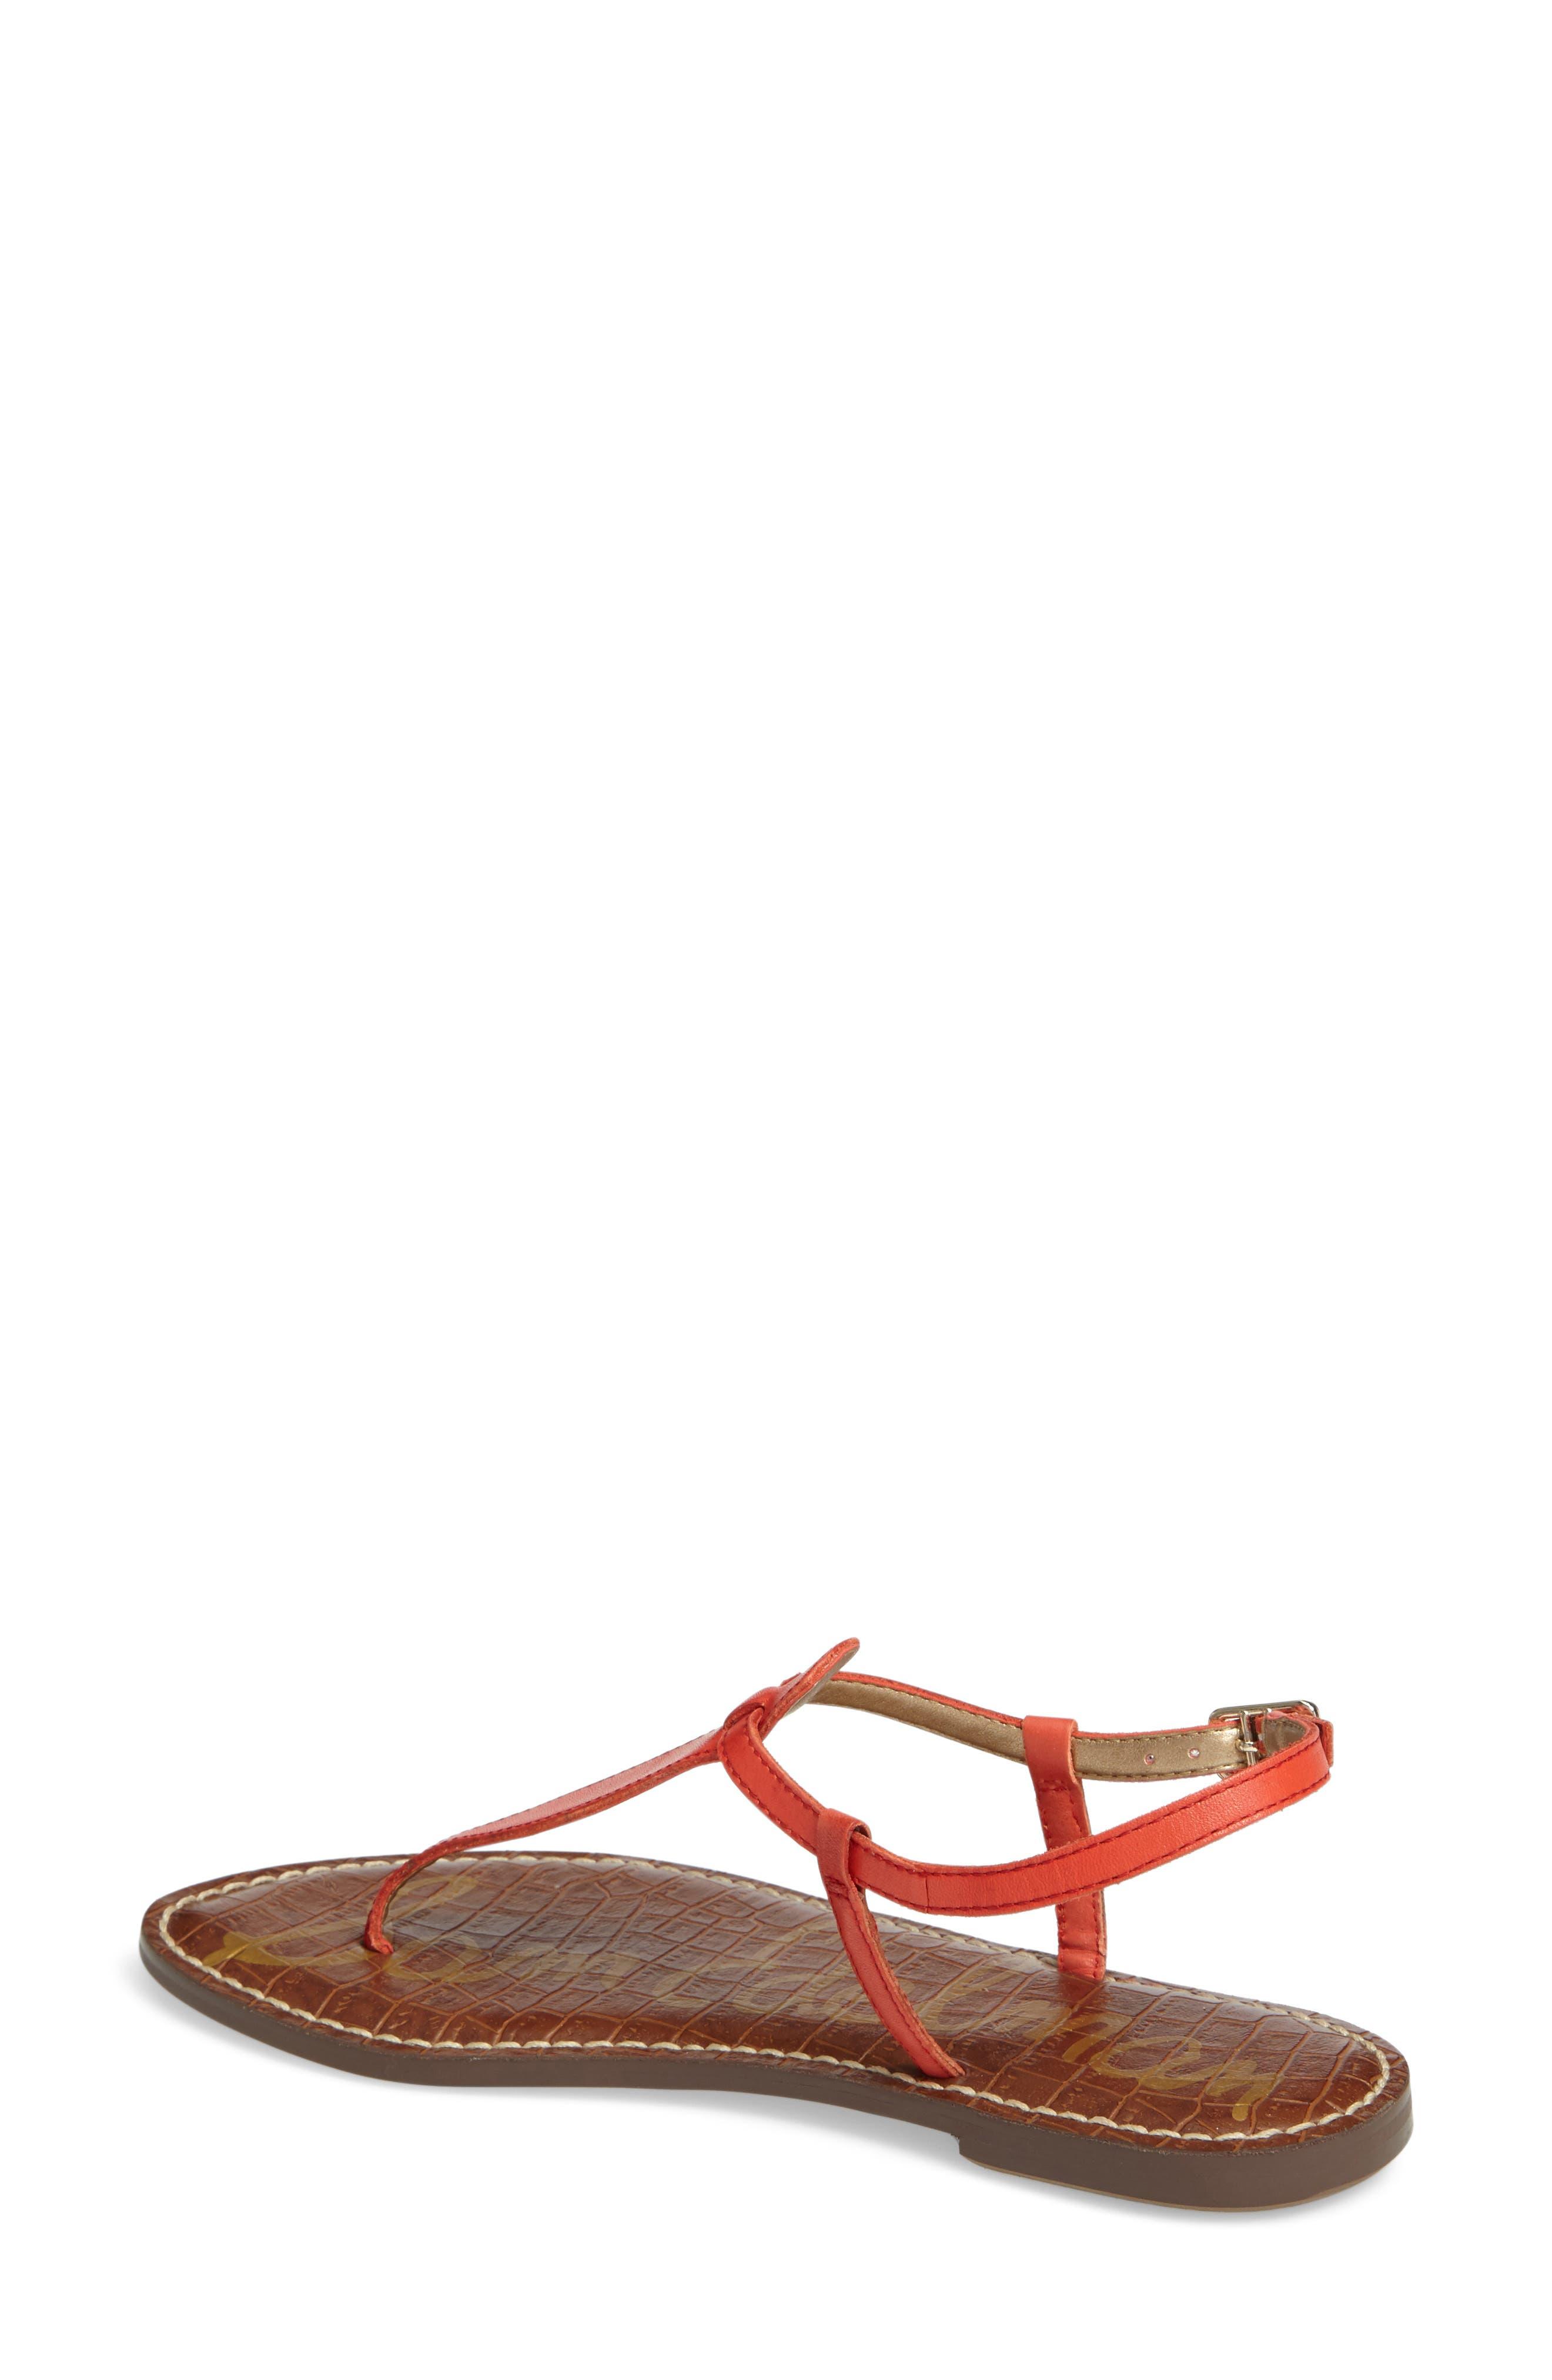 Alternate Image 2  - Sam Edelman 'Gigi' Sandal (Women)